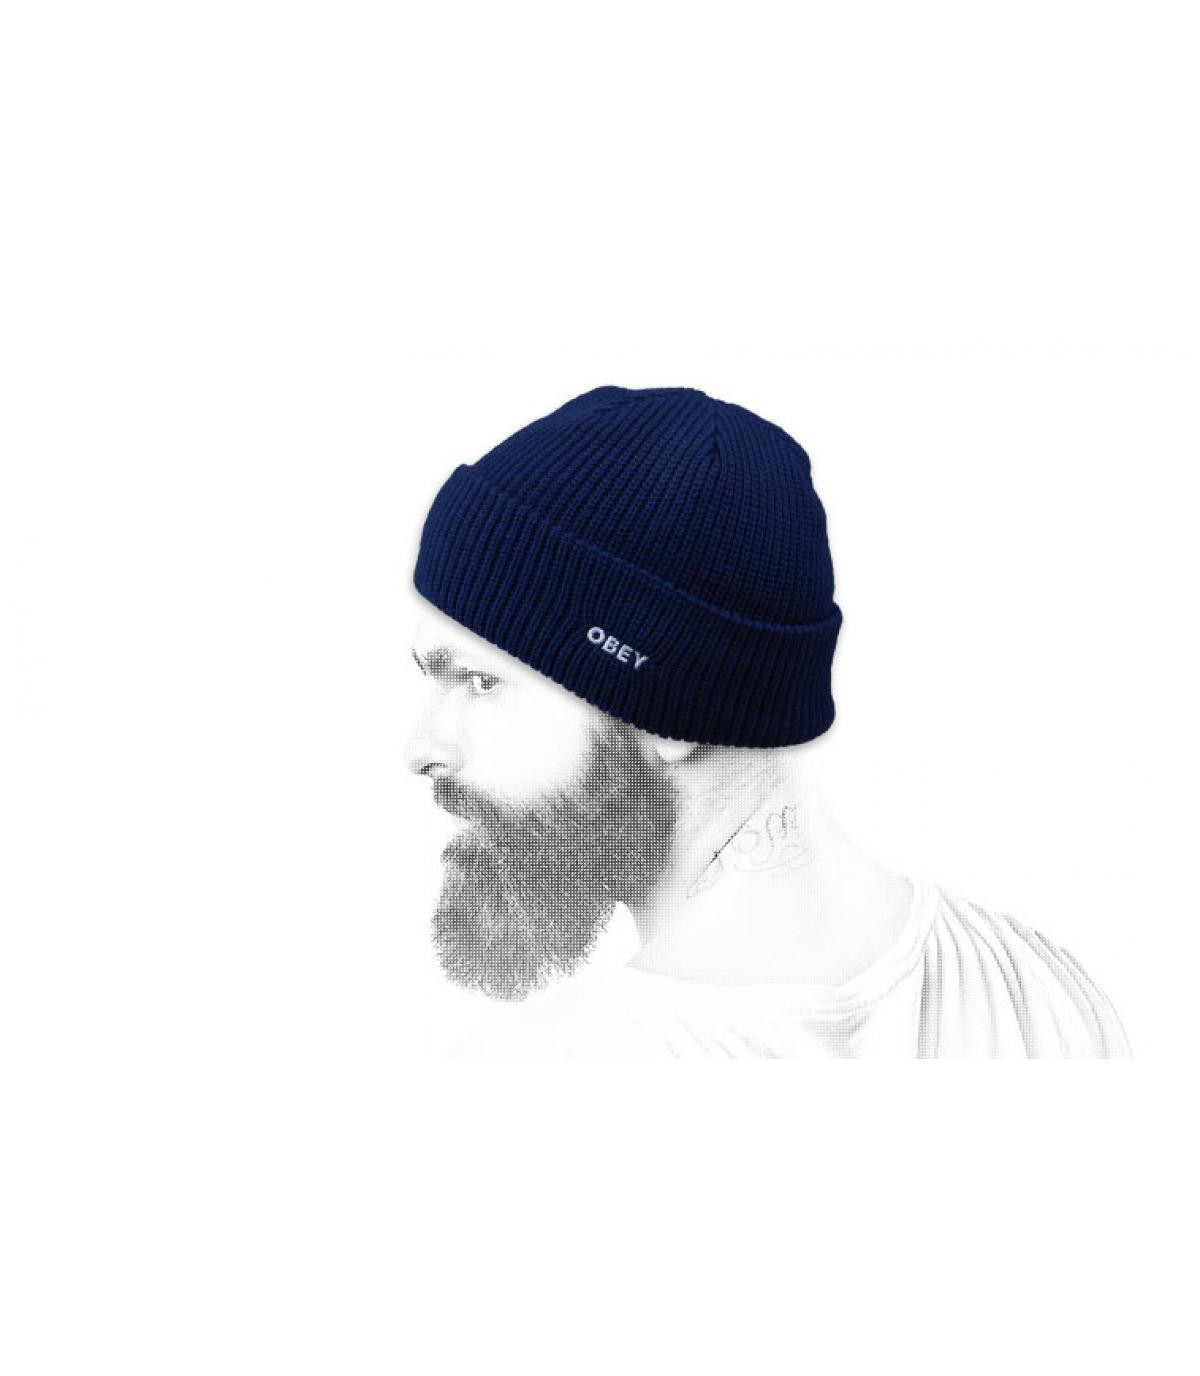 bonnet revers bleu marine Obey